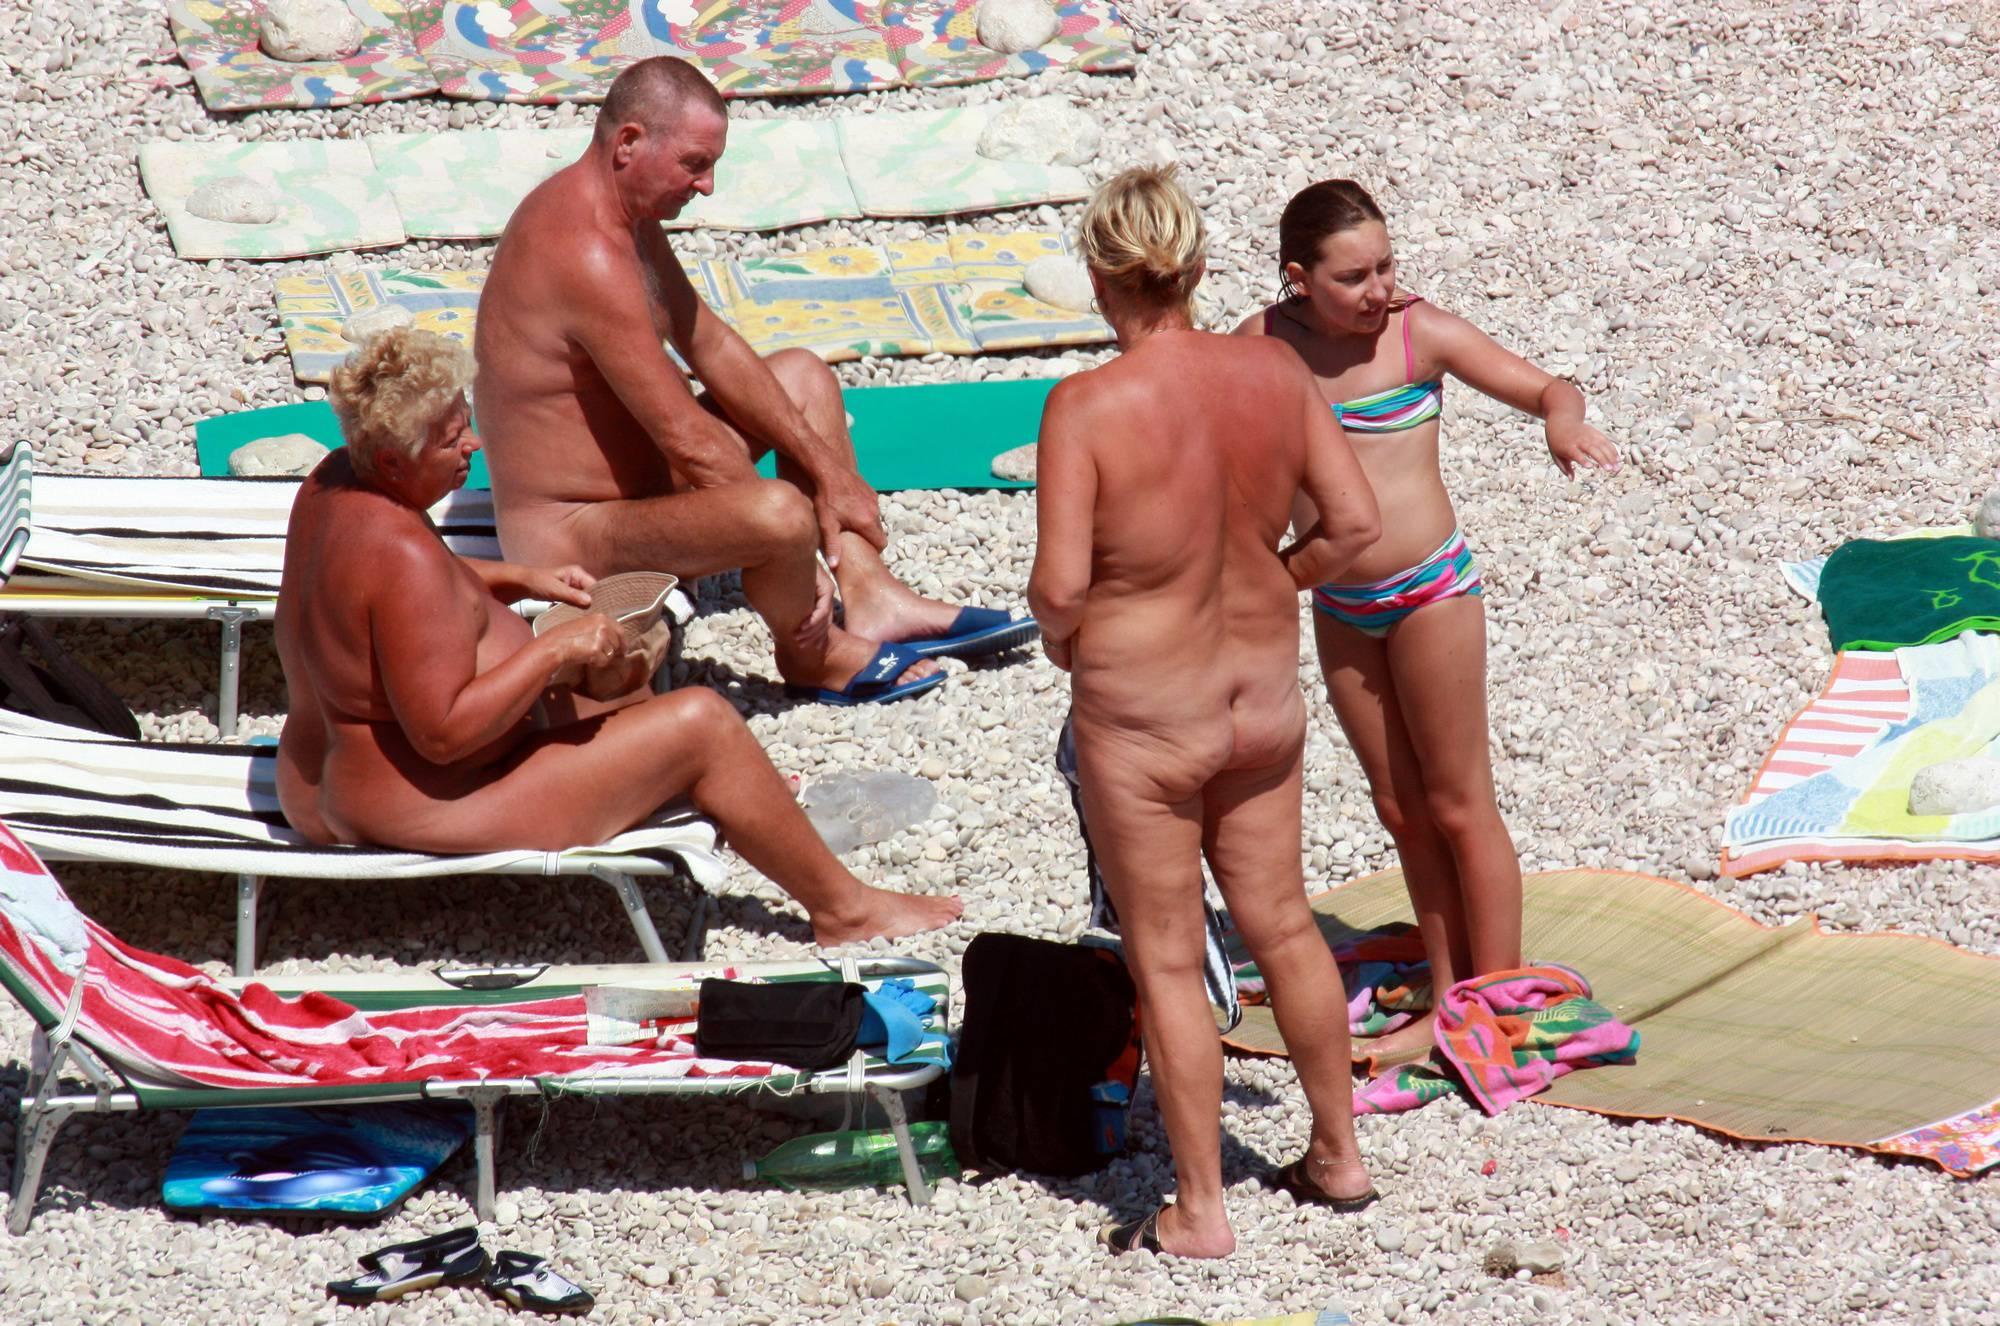 Naturist Blue Topless Girl - 2